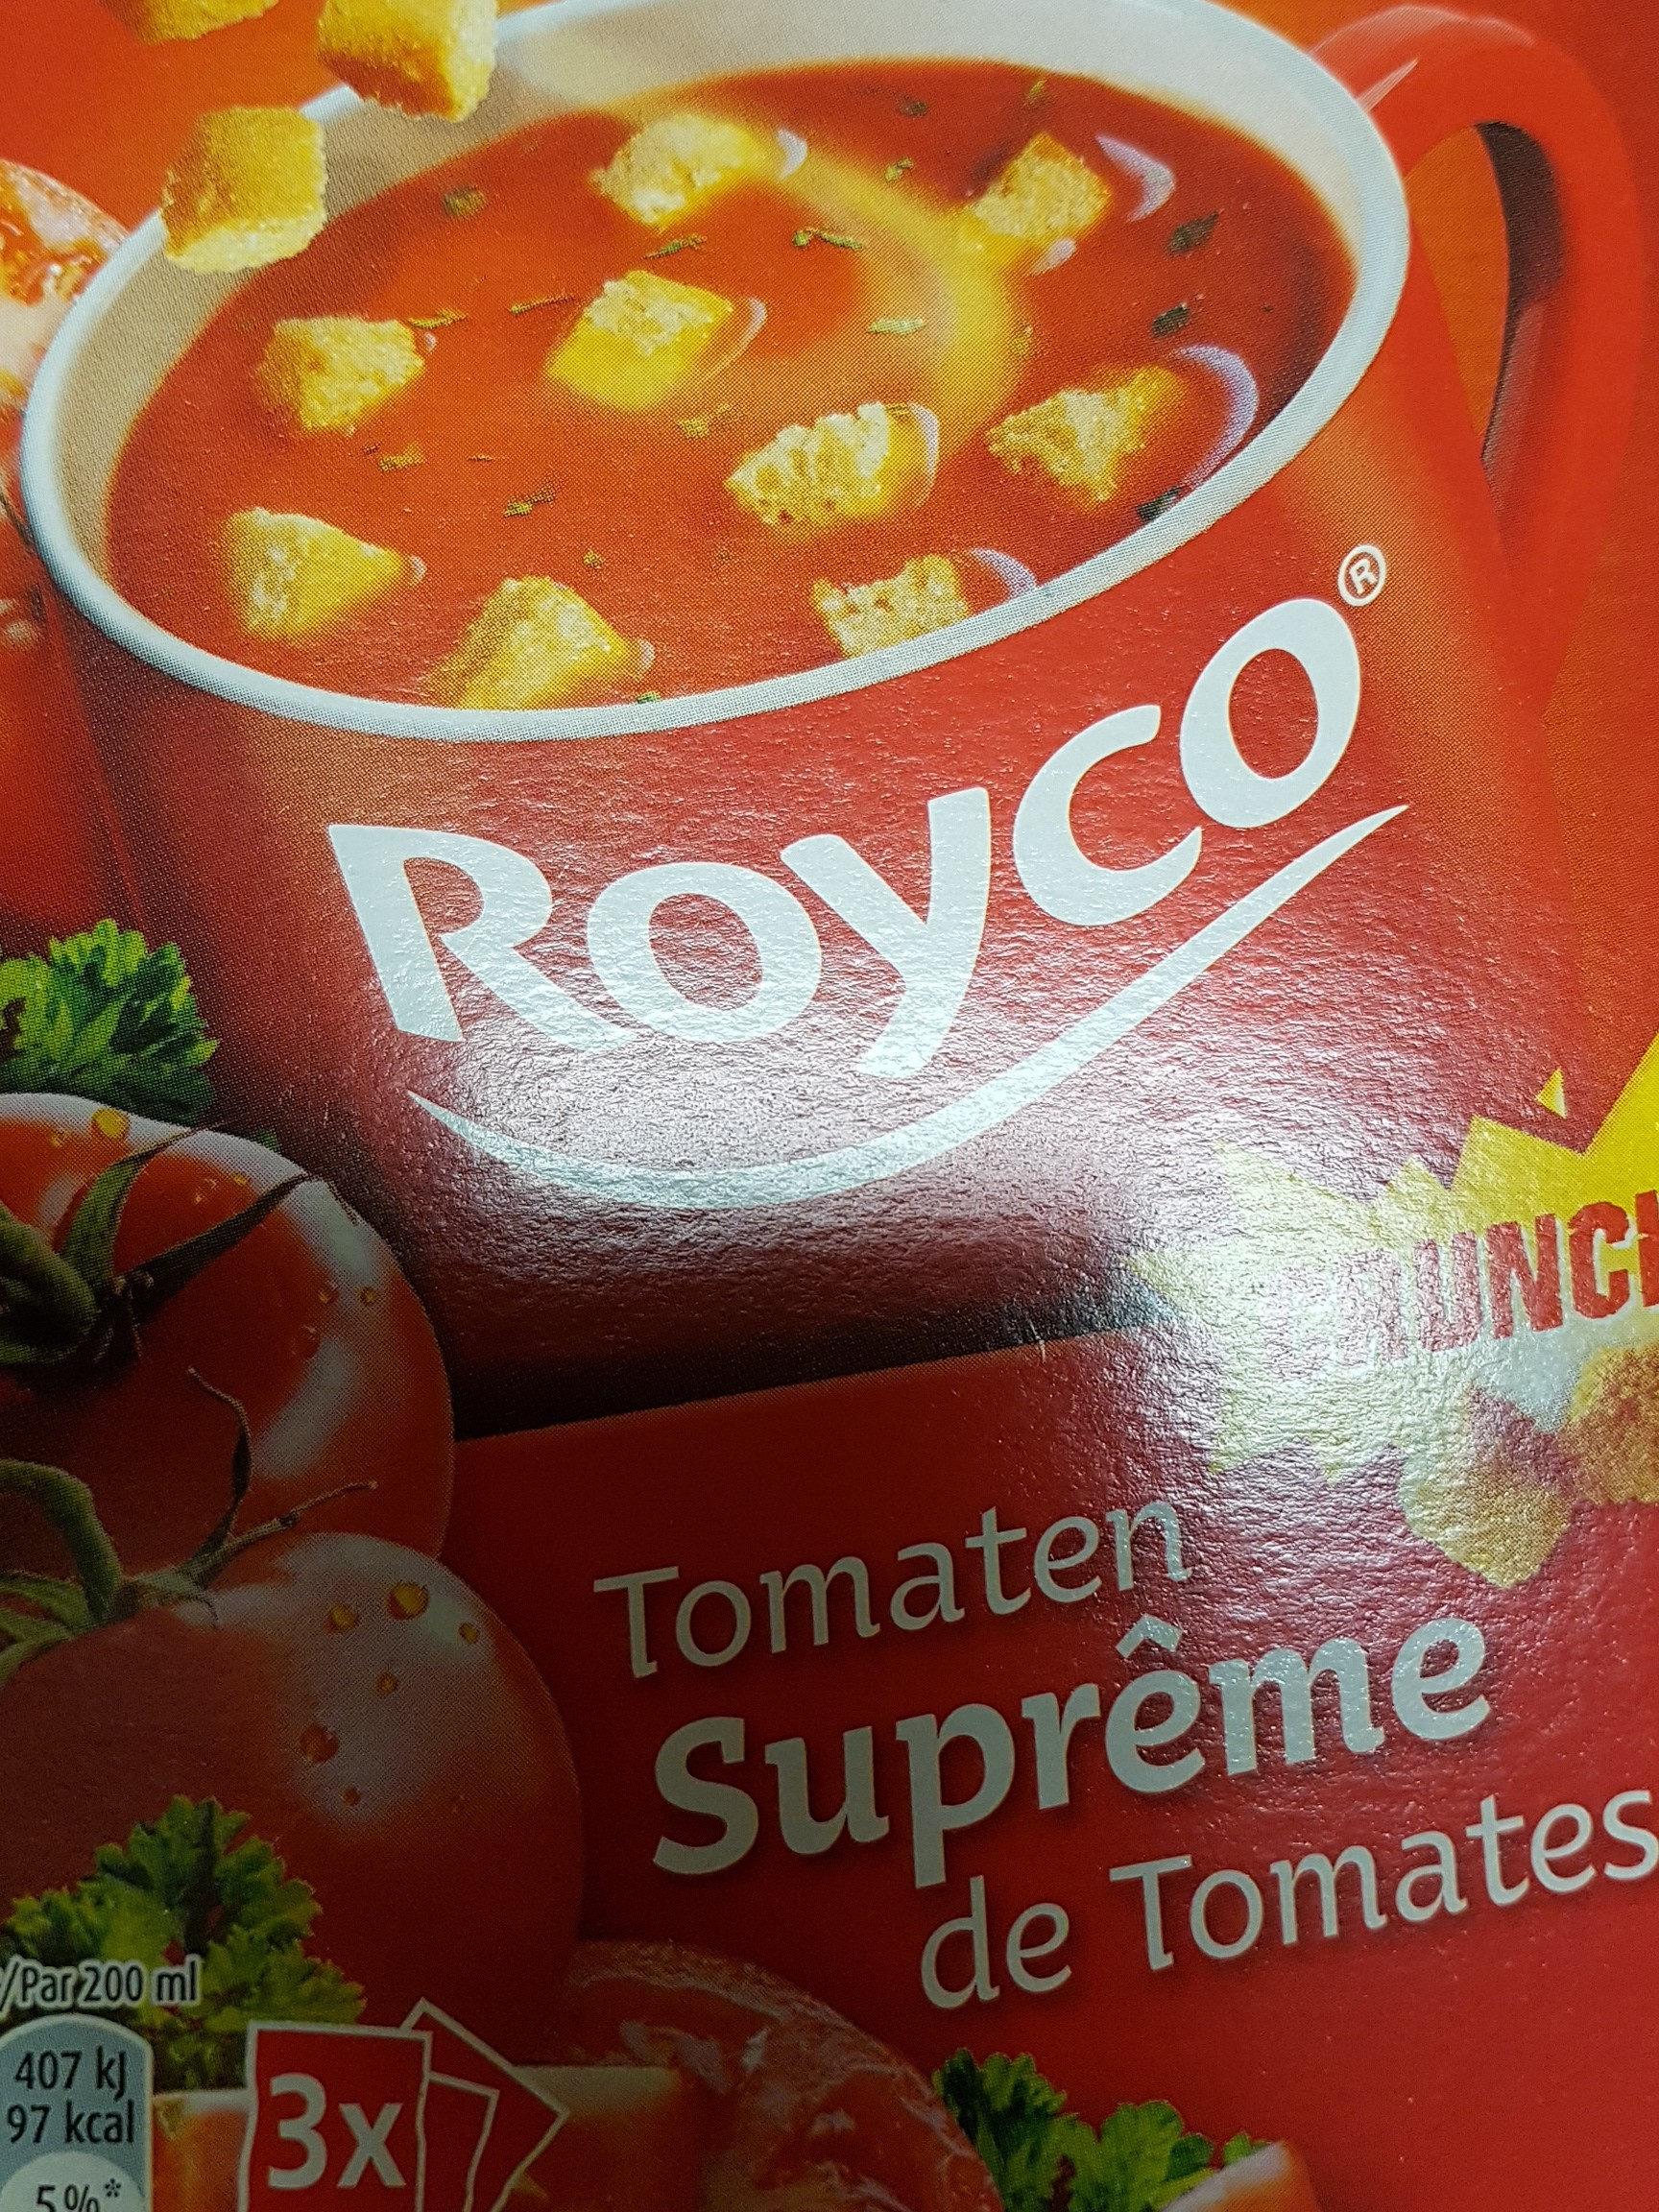 Soupe En Sachet Tomate 3 Unités Ea - Product